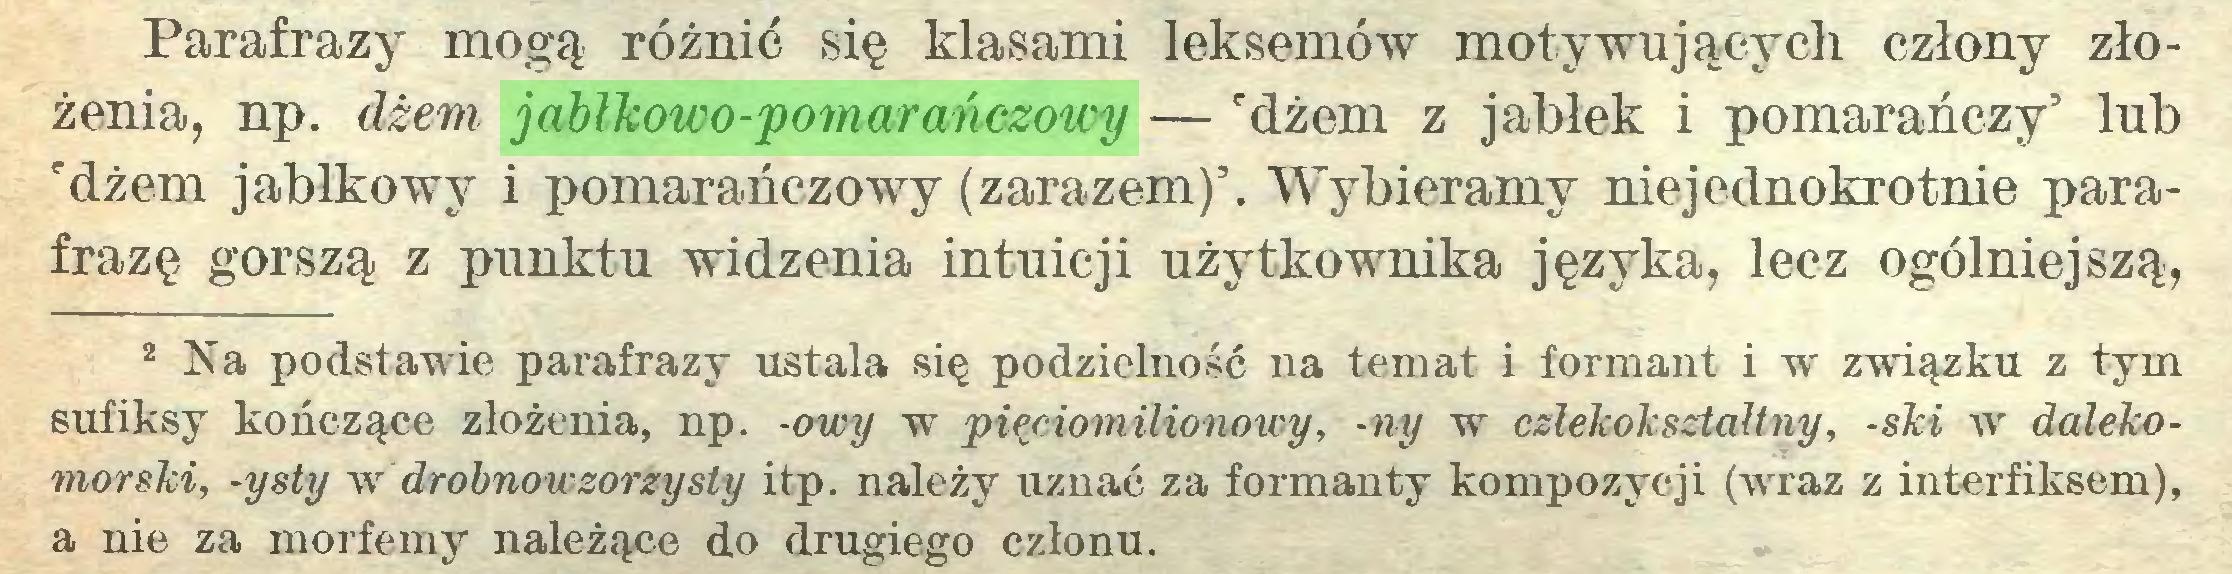 (...) Parafrazy mogą różnić się klasami leksemów motywujących człony złożenia, np. dżem jabłkowo-pomarańczowy — 'dżem z jabłek i pomarańczy' lub 'dżem jabłkowy i pomarańczowy (zarazem)'. Wybieramy niejednokrotnie parafrazę gorszą z punktu widzenia intuicji użytkownika języka, lecz ogólniejszą, 2 Na podstawie parafrazy ustala się podzielność na temat i formant i w związku z tym sufiksy kończące złożenia, np. -owy w pięciomilionowy, -ny w człekokształtny, -ski w dalekomorski, -ysty w drobnowzorzysty itp. należy uznać za formanty kompozycji (wraz z interfiksem), a nie za morfemy należące do drugiego członu...